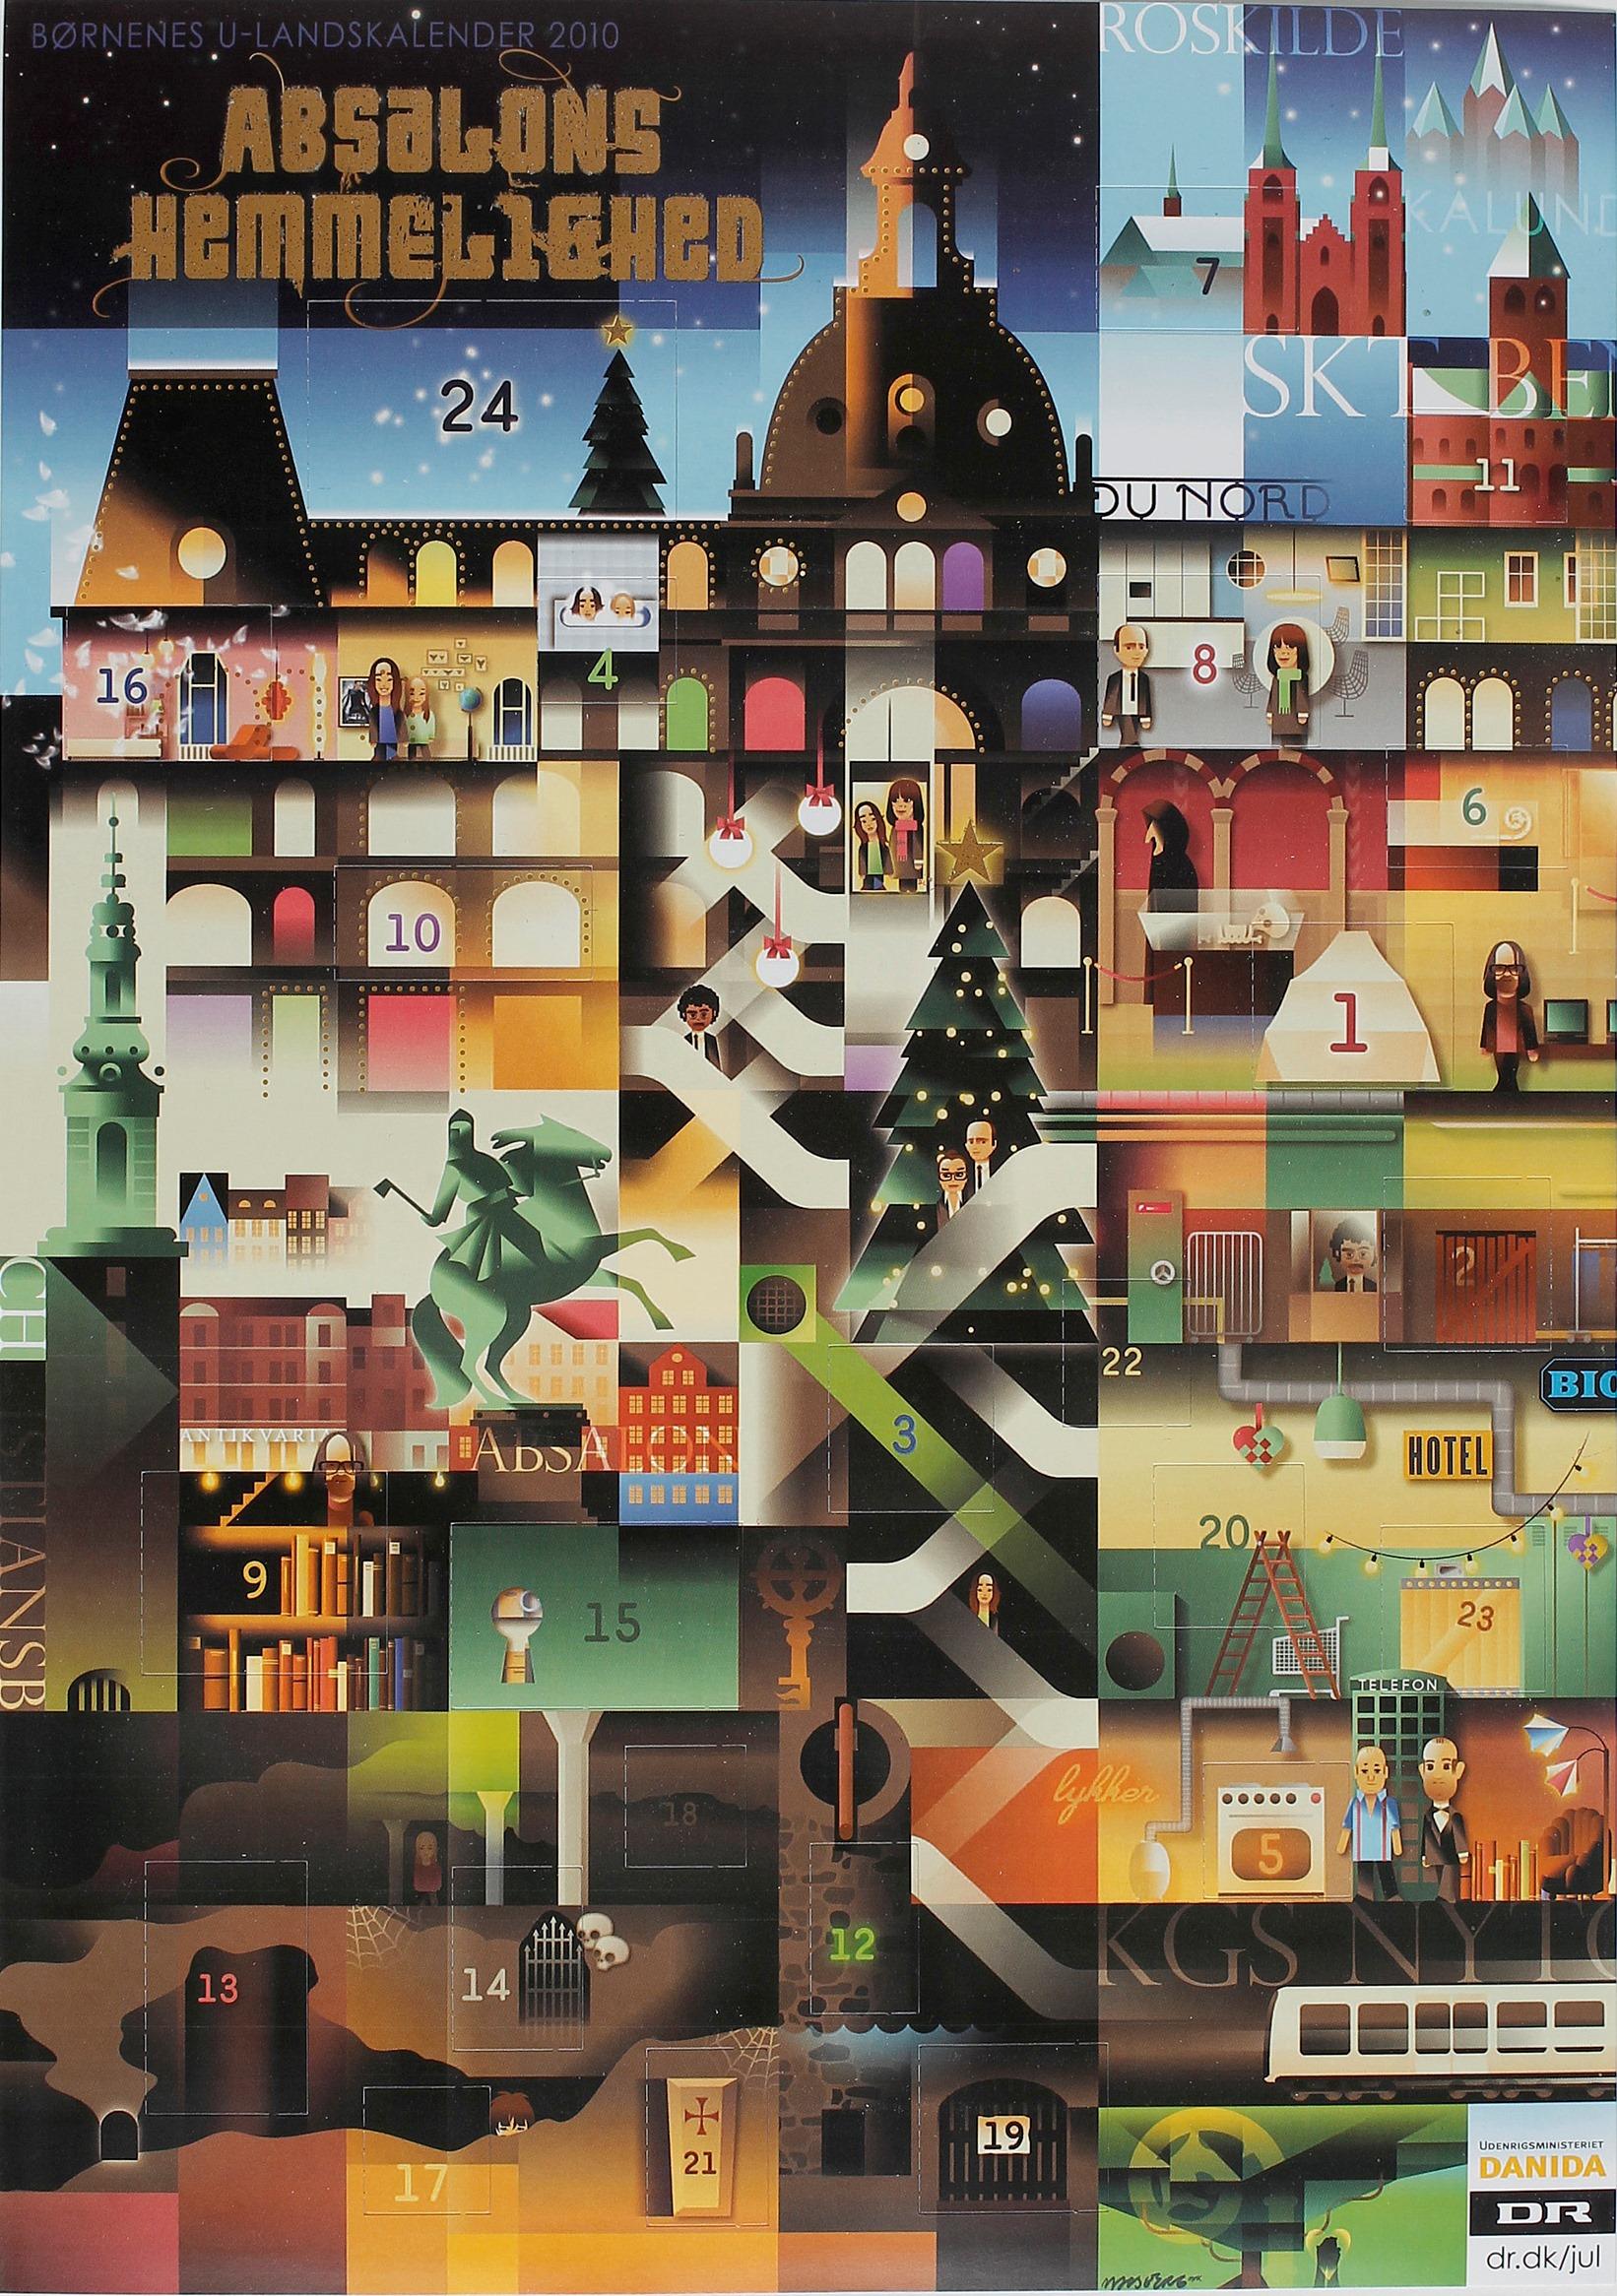 Absalons Hemmelighed Bornenes U-landskalender 2010